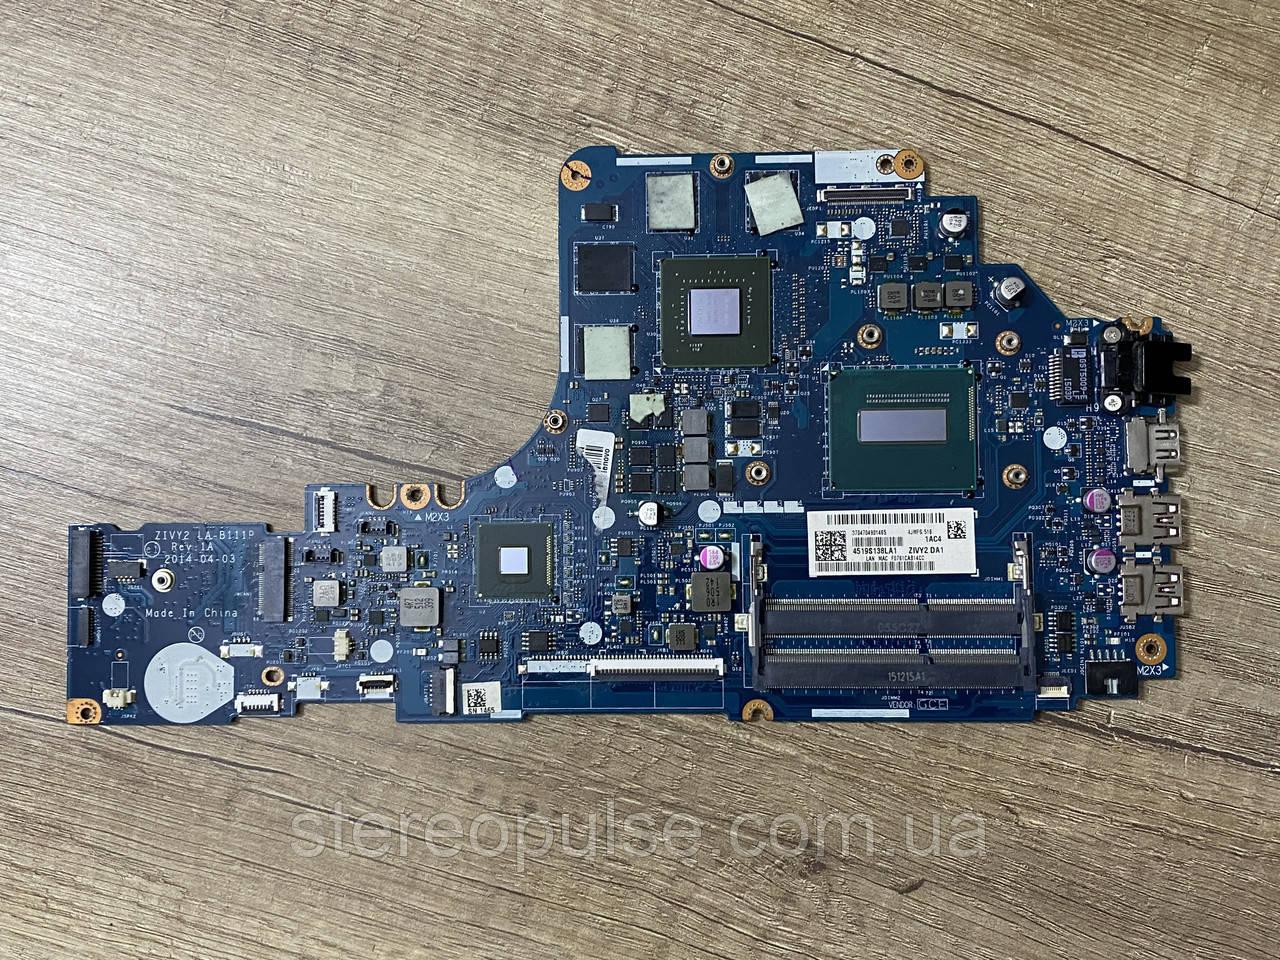 Материнская плата ZIVY2 LA-B111P (Rev: 1A) для ноутбука Lenovo Y50-70